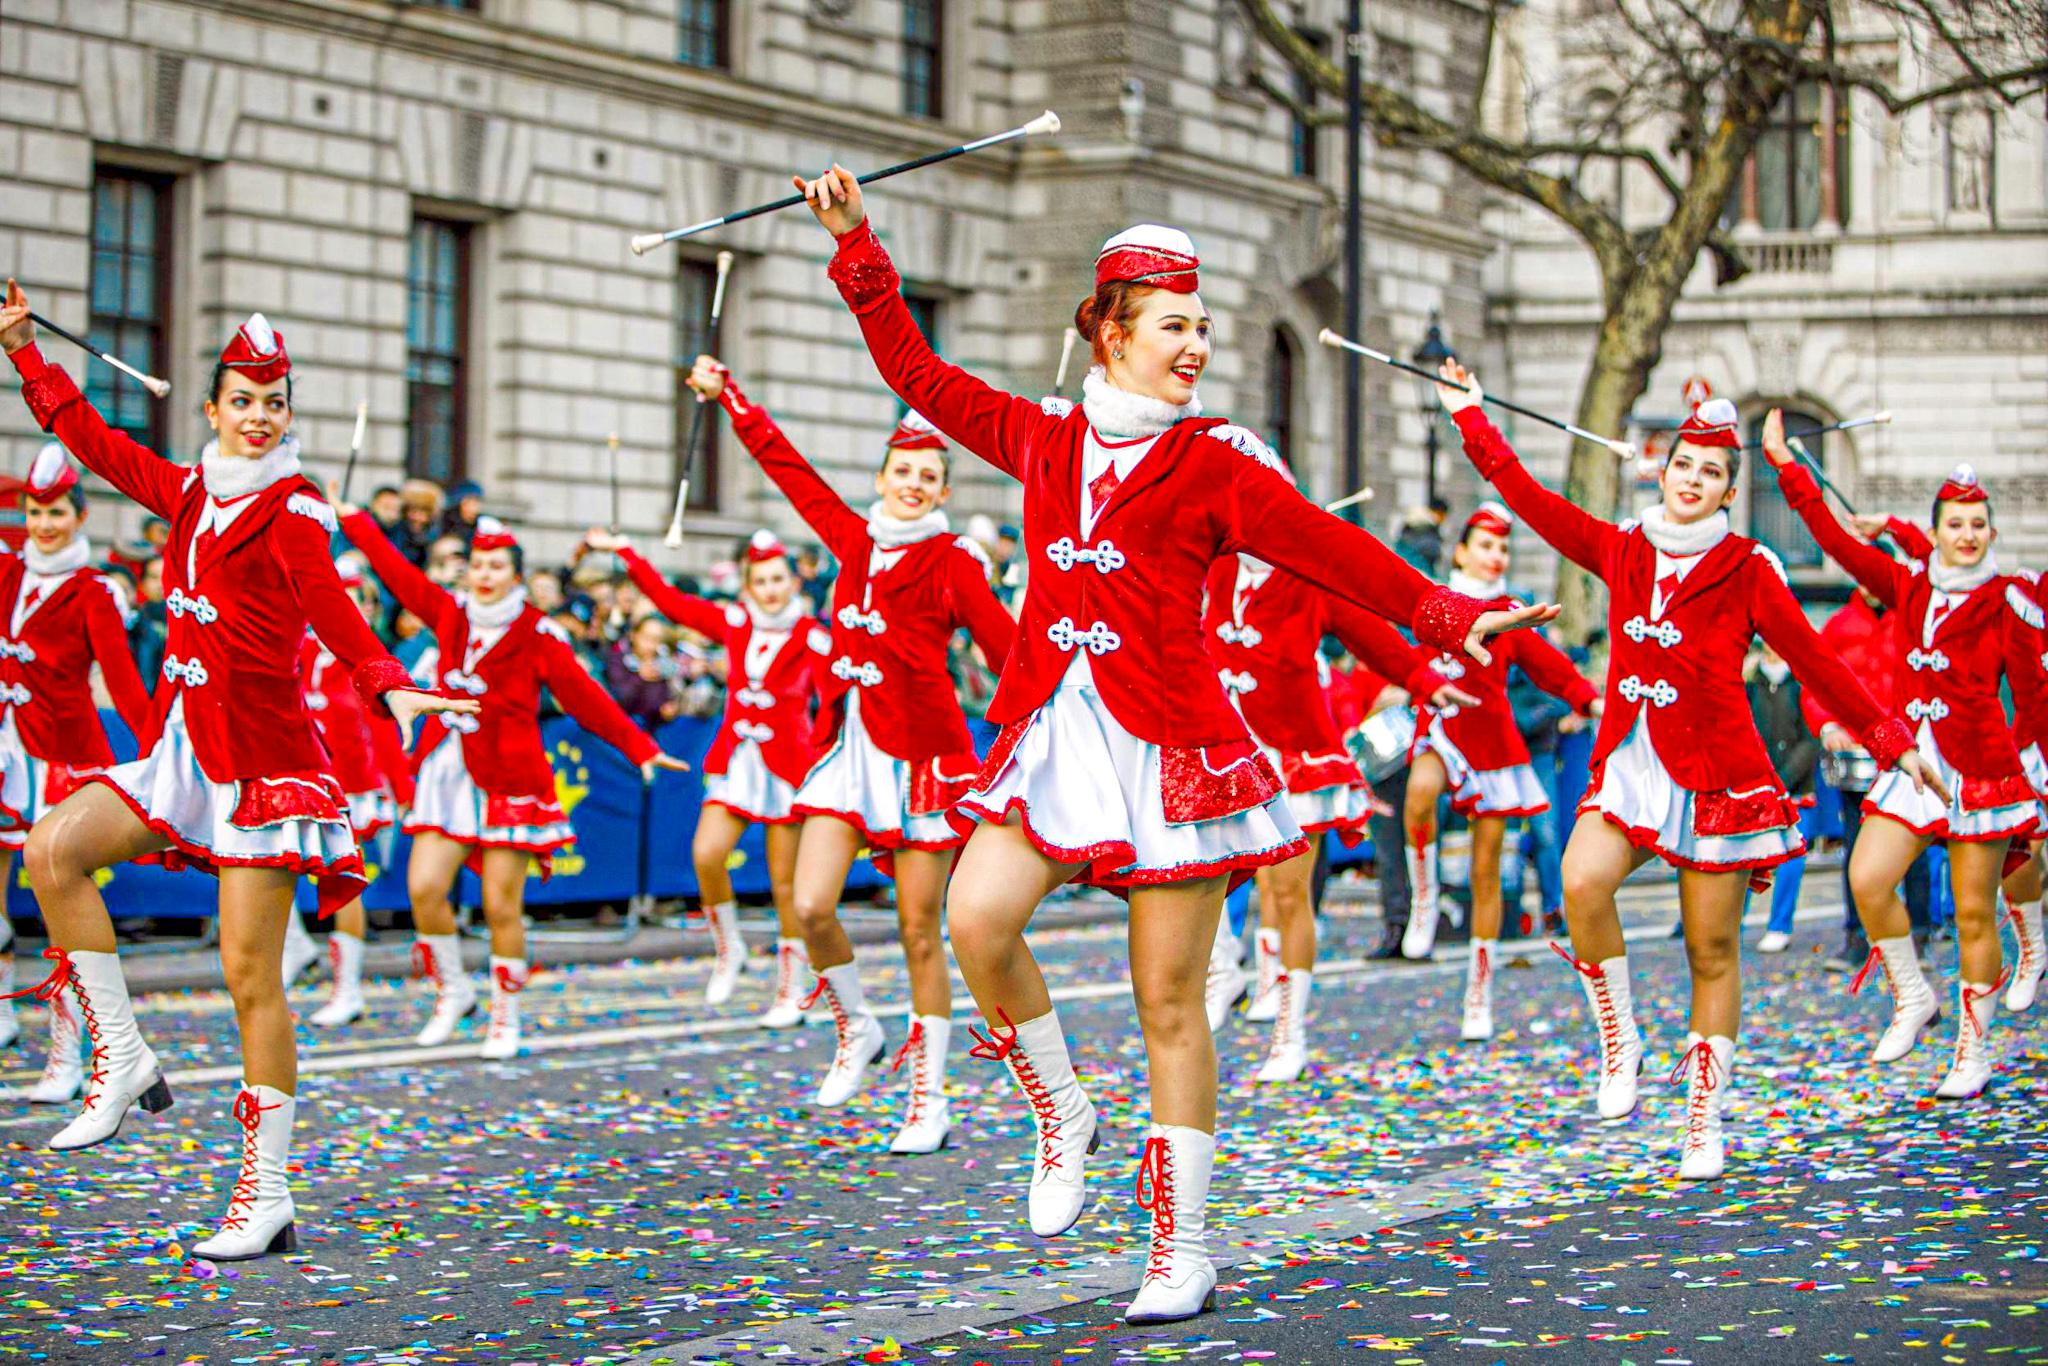 Cómo se celebra la navidad en Londres: majorettes del desfile de año nuevo